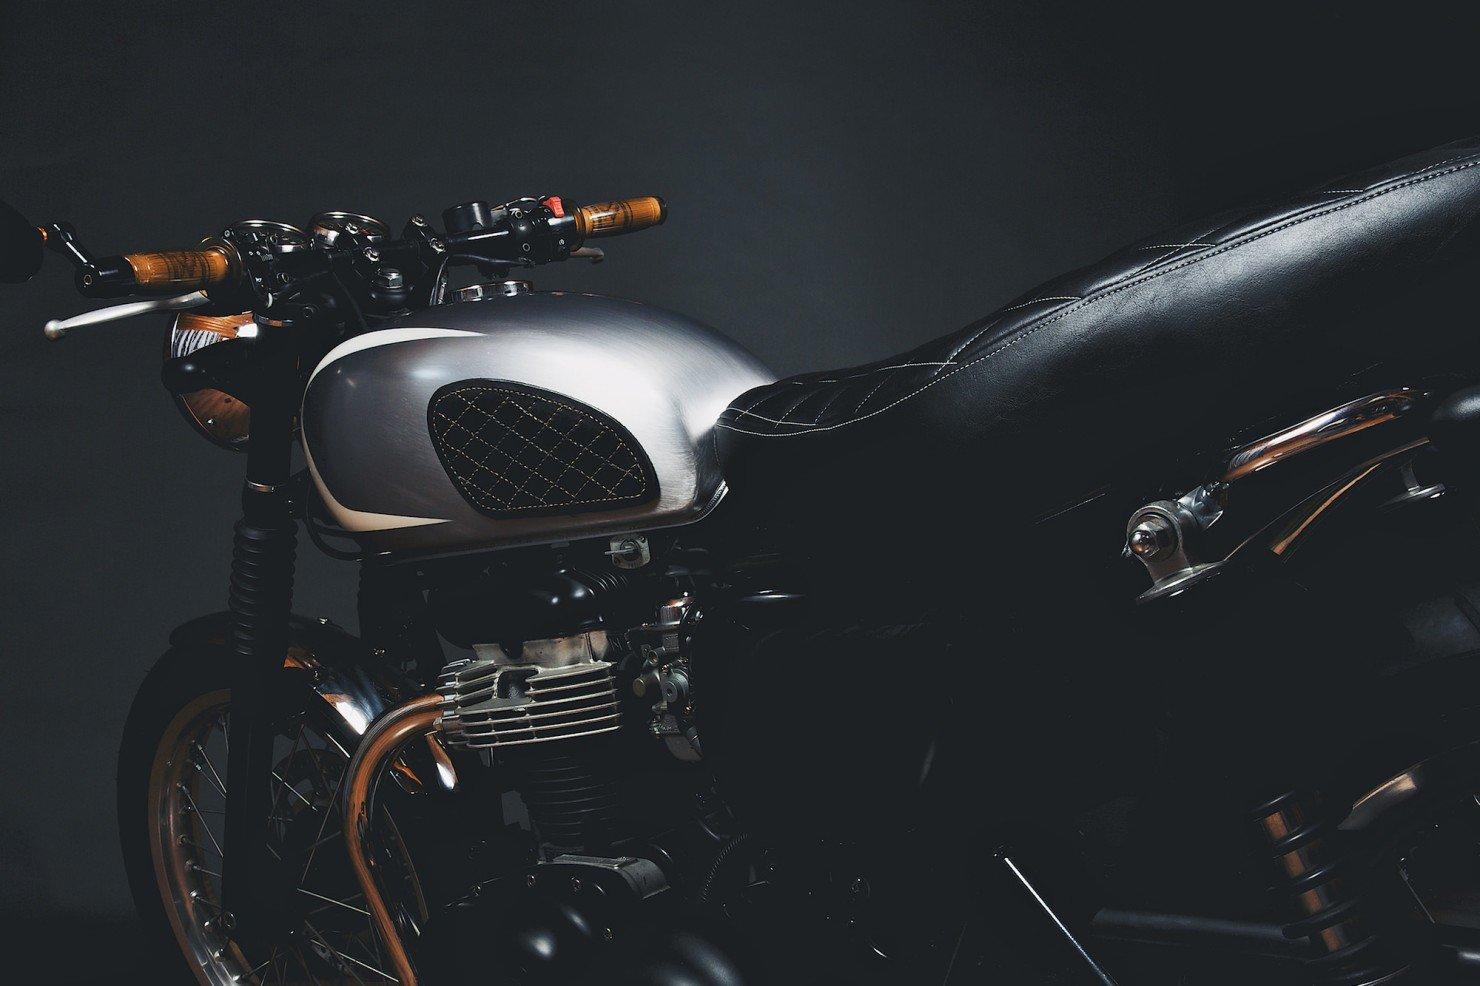 Kawasaki_W650_Motorcycle_1